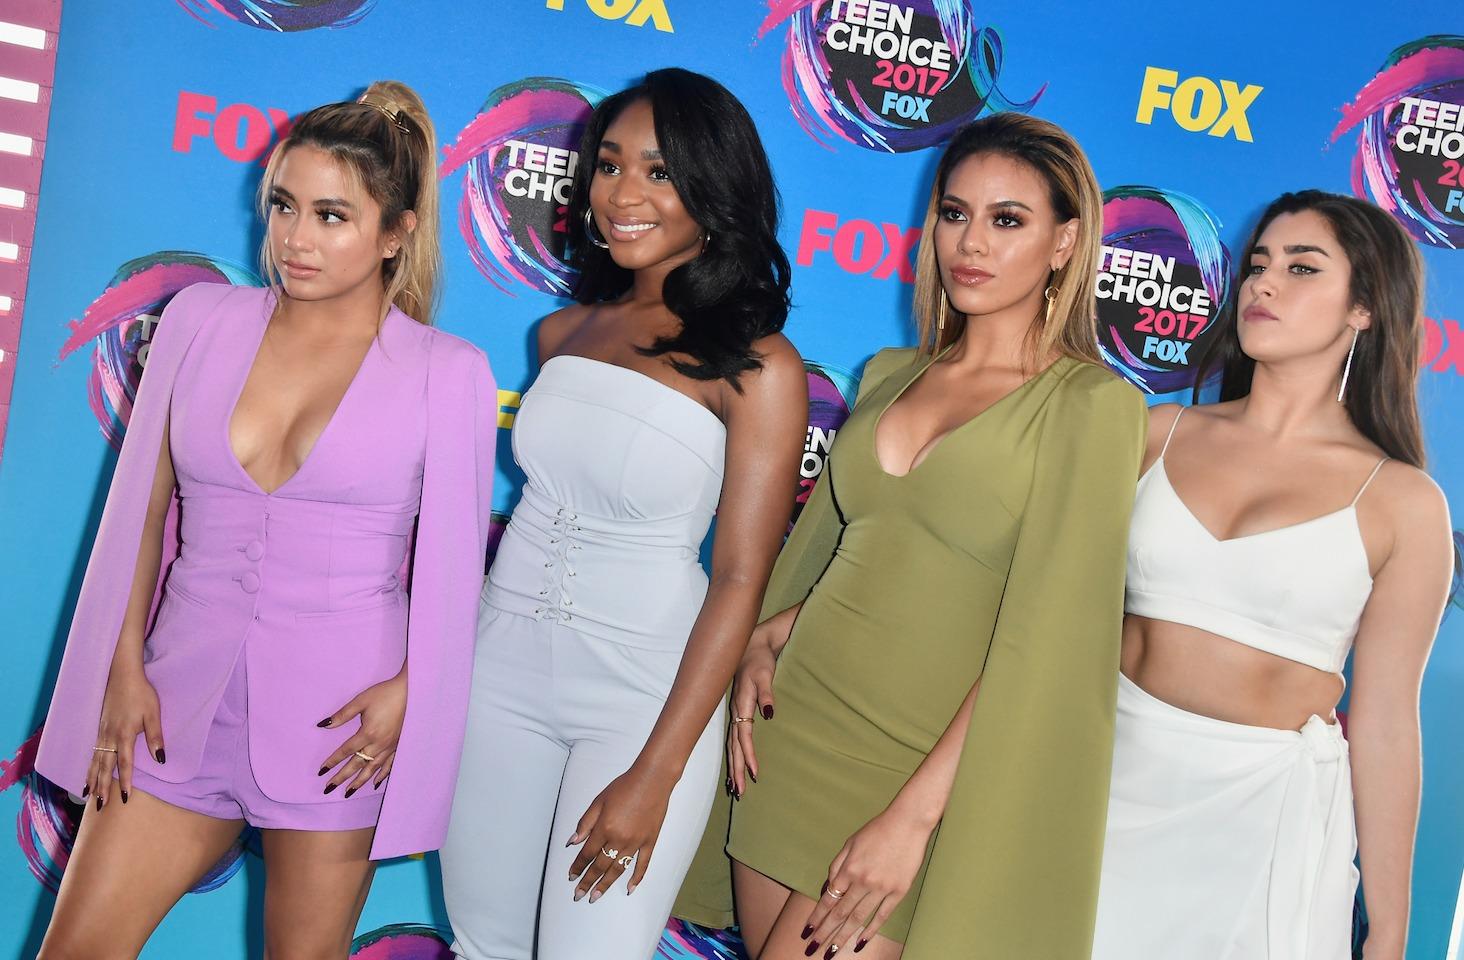 Publinews te presenta un listado e imágenes de las más sexy en la alfombra roja de los Teen Choice Awards 2017. Foto: AFP